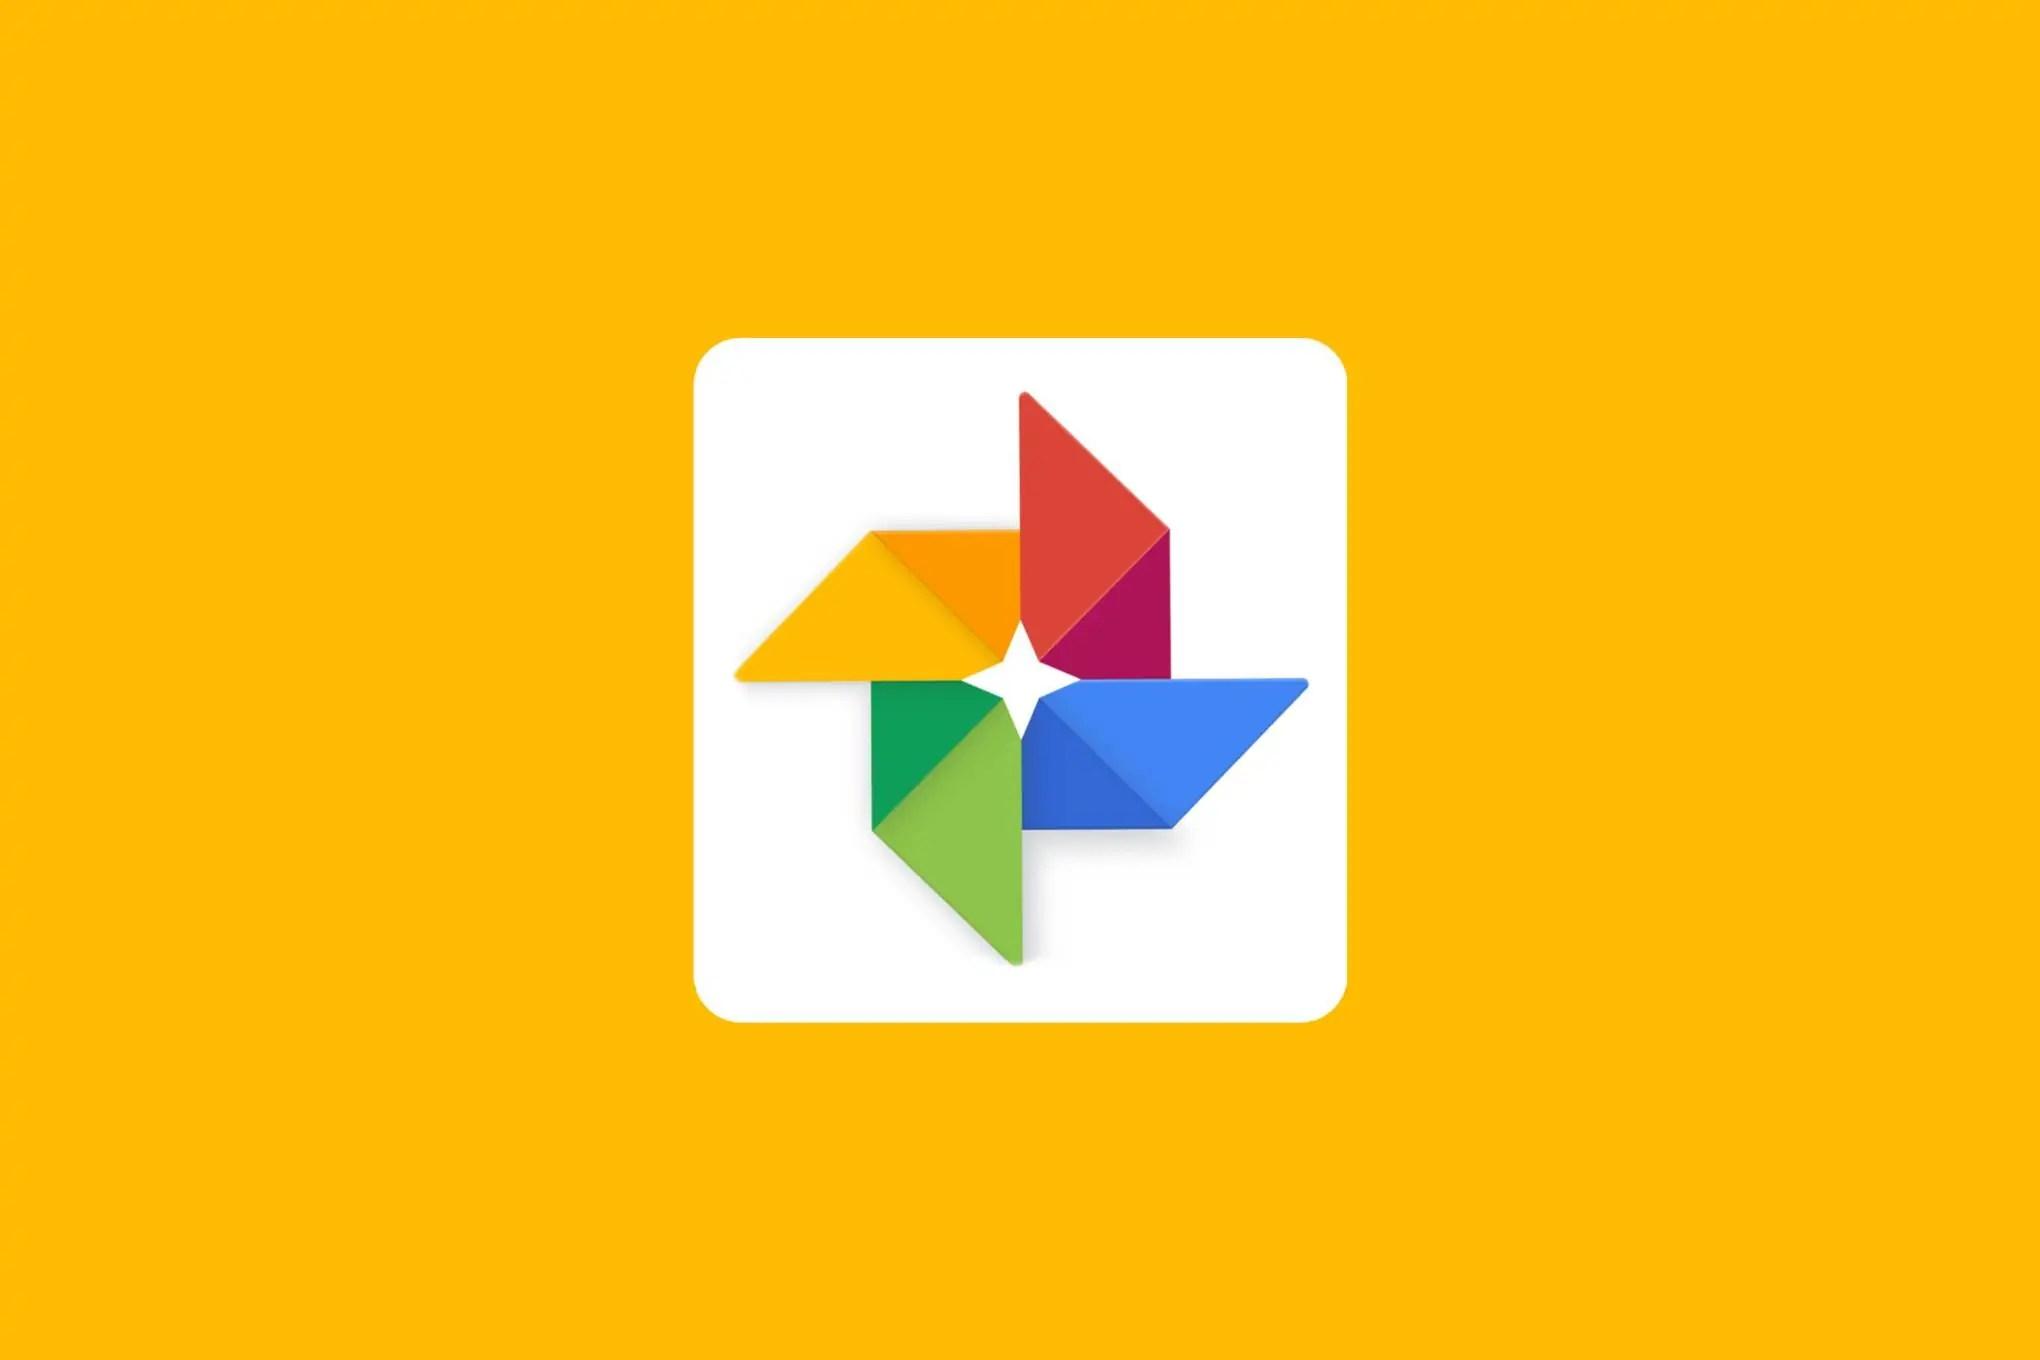 Google Fotoğraflar Güvenli Mi? - Ne Kadar Güvenli? Google Fotoğraflar